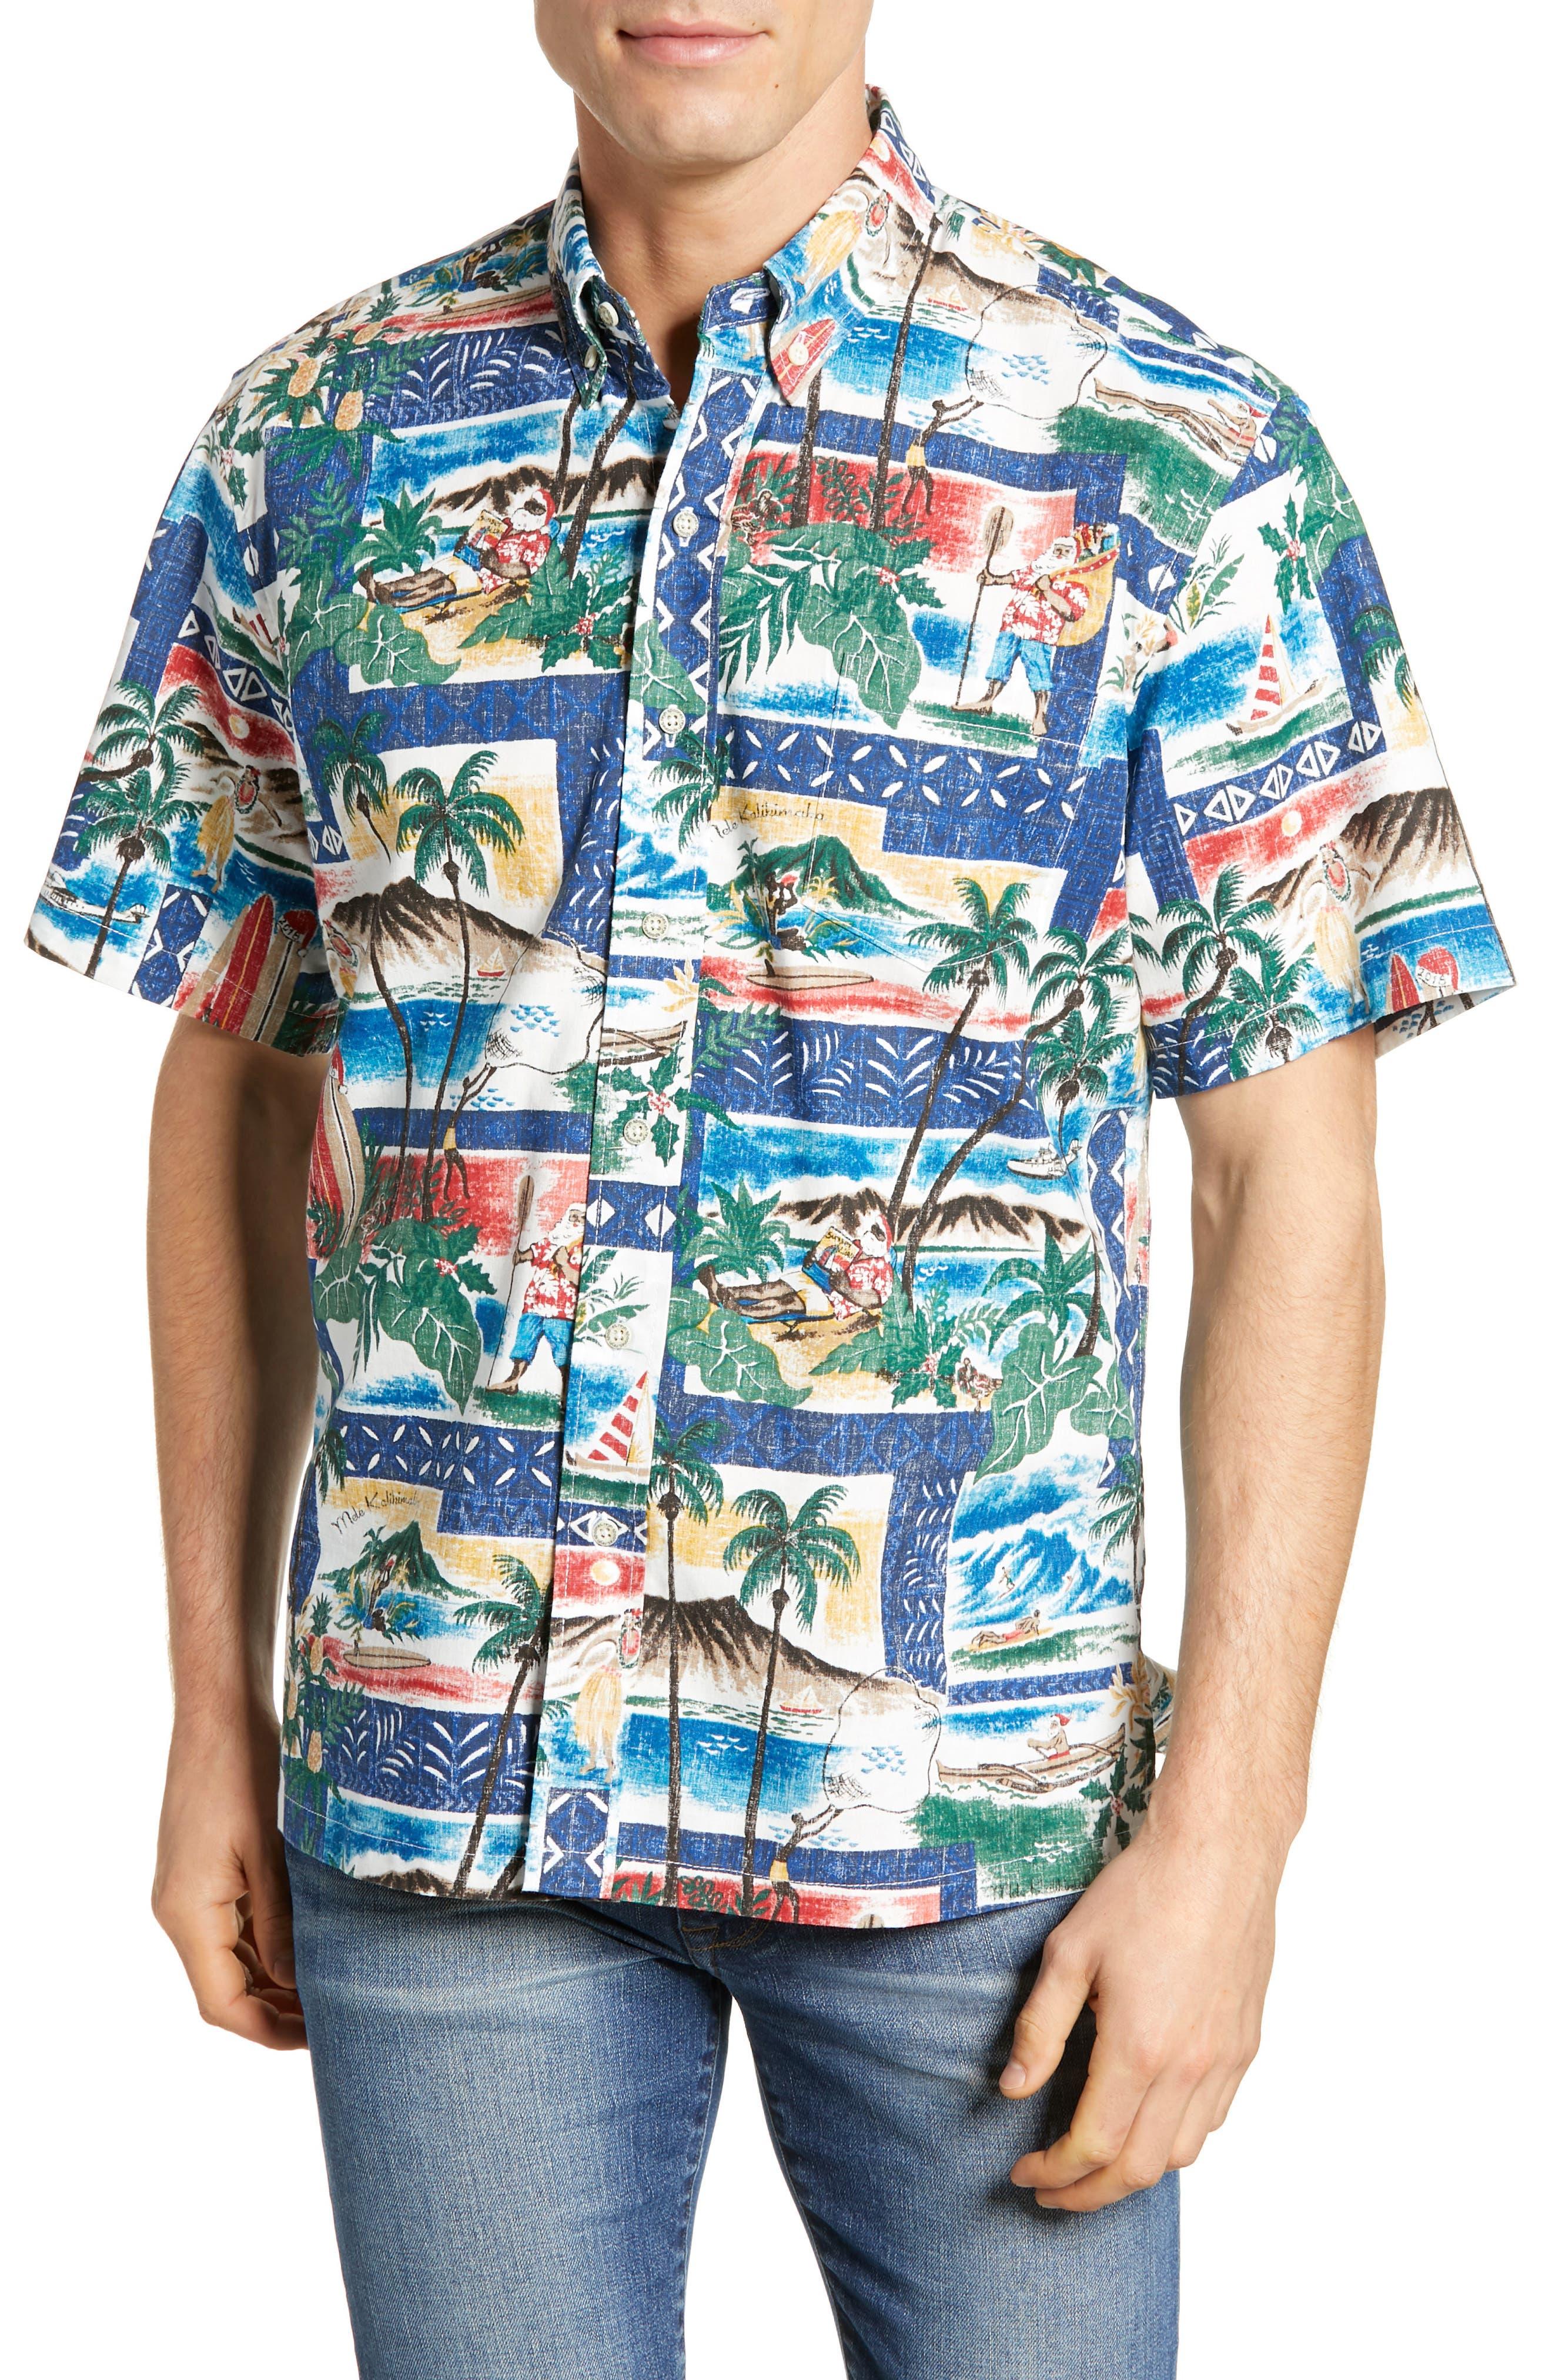 REYN SPOONER, Hawaiian Christmas 2018 Classic Fit Sport Shirt, Main thumbnail 1, color, 420